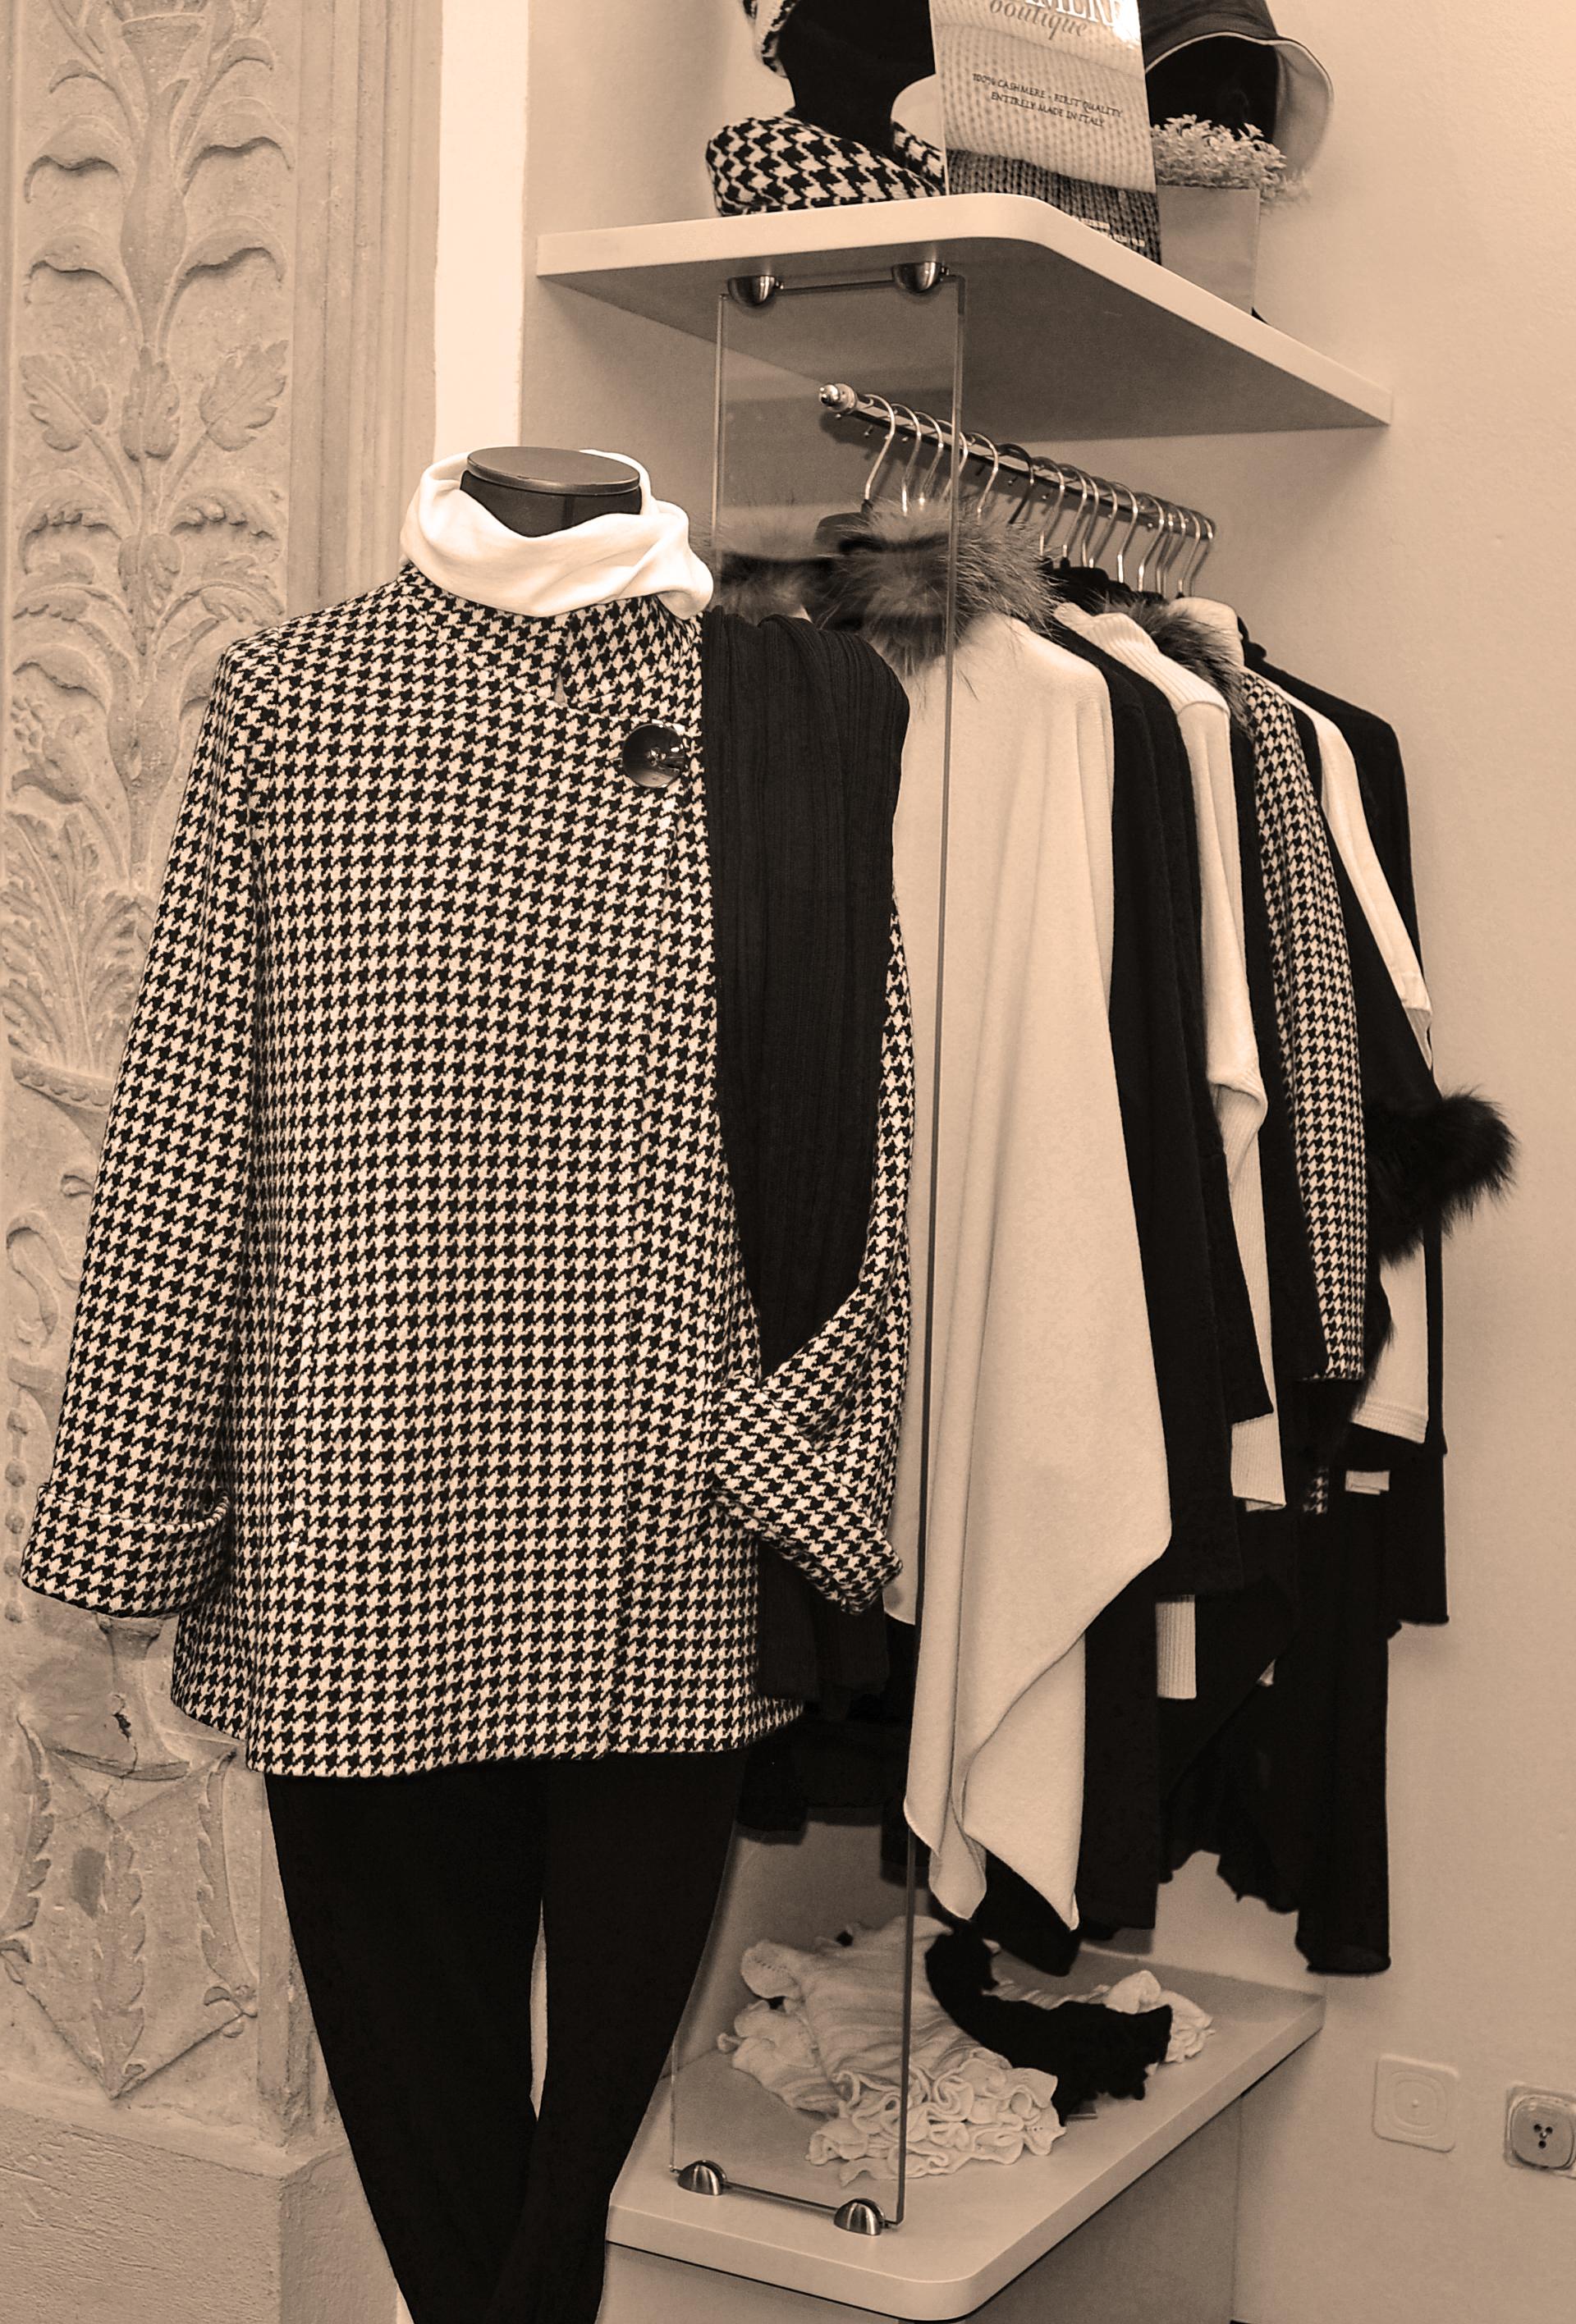 b6bbc24bd736 Cashmere Boutique nasce nel 1990 come punto vendita nel centro di Milano  specializzato in maglieria in puro cashmere. Nel 1999 si trasferisce nell  show room ...